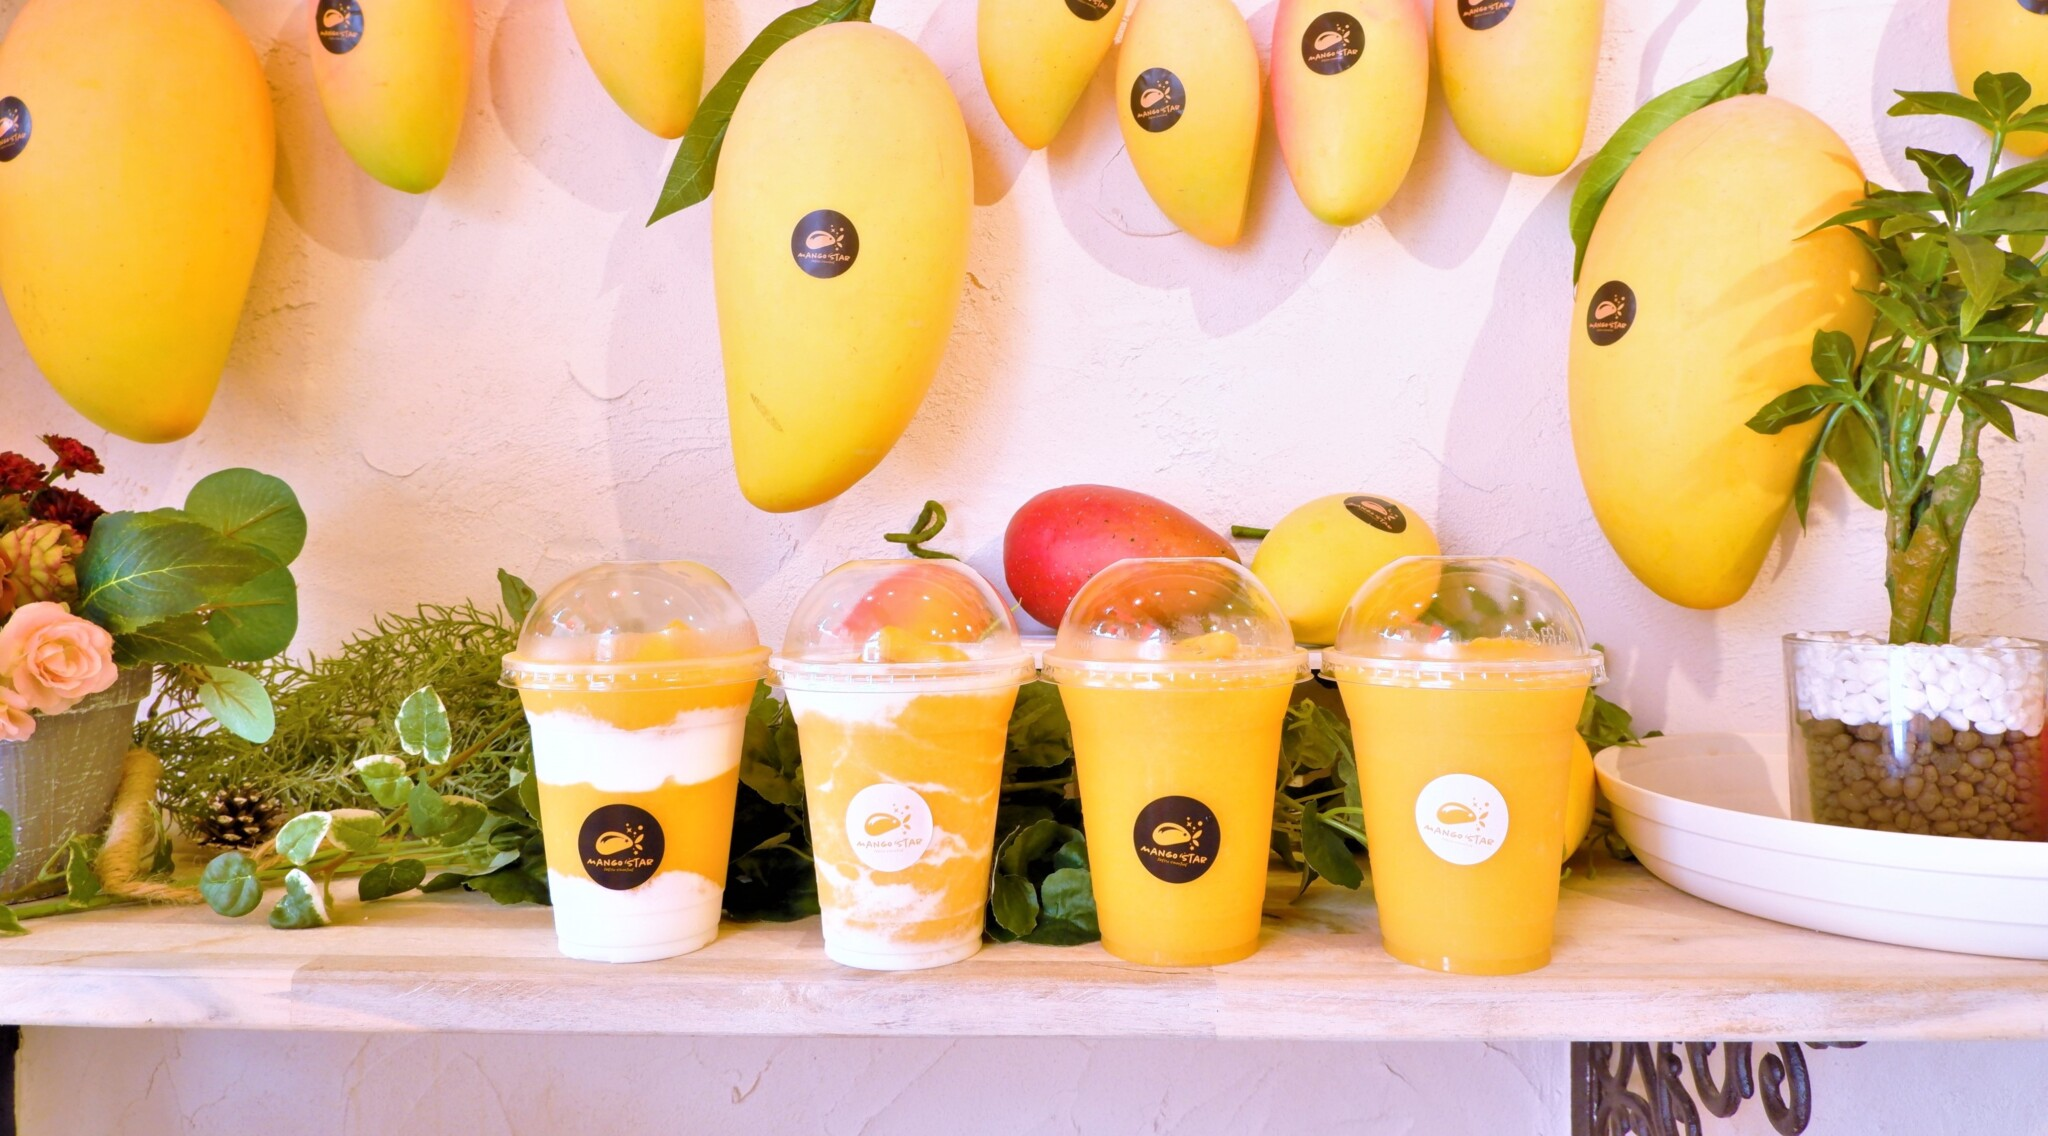 マンゴースムージー専門店〈マンゴースター〉から新登場の「マンゴーソフトクリーム」を実食レポート。